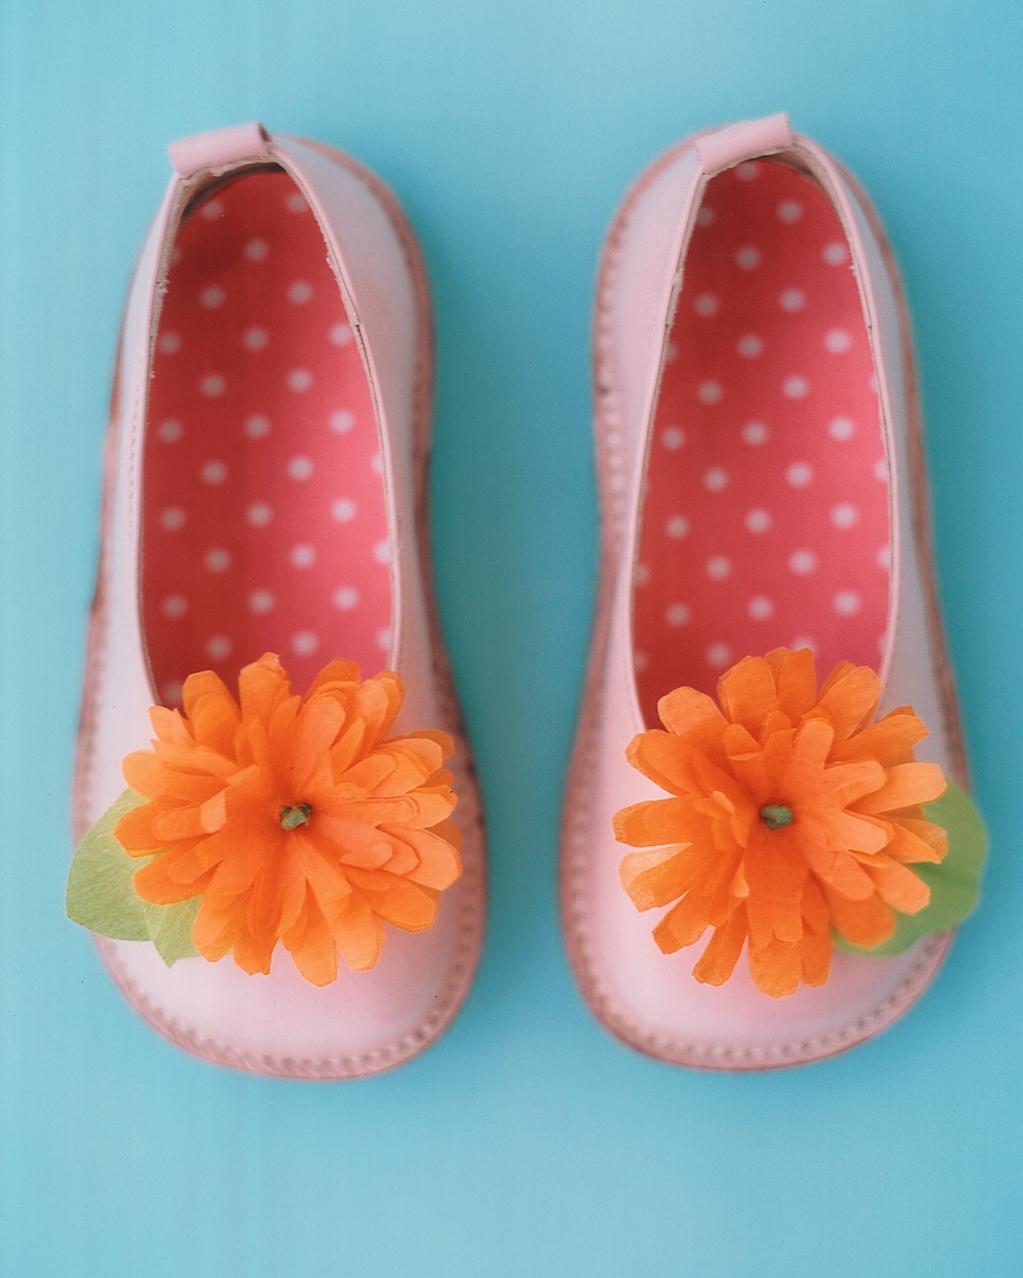 shoe-clip-flower-shoes-kids-w08-0315.jpg